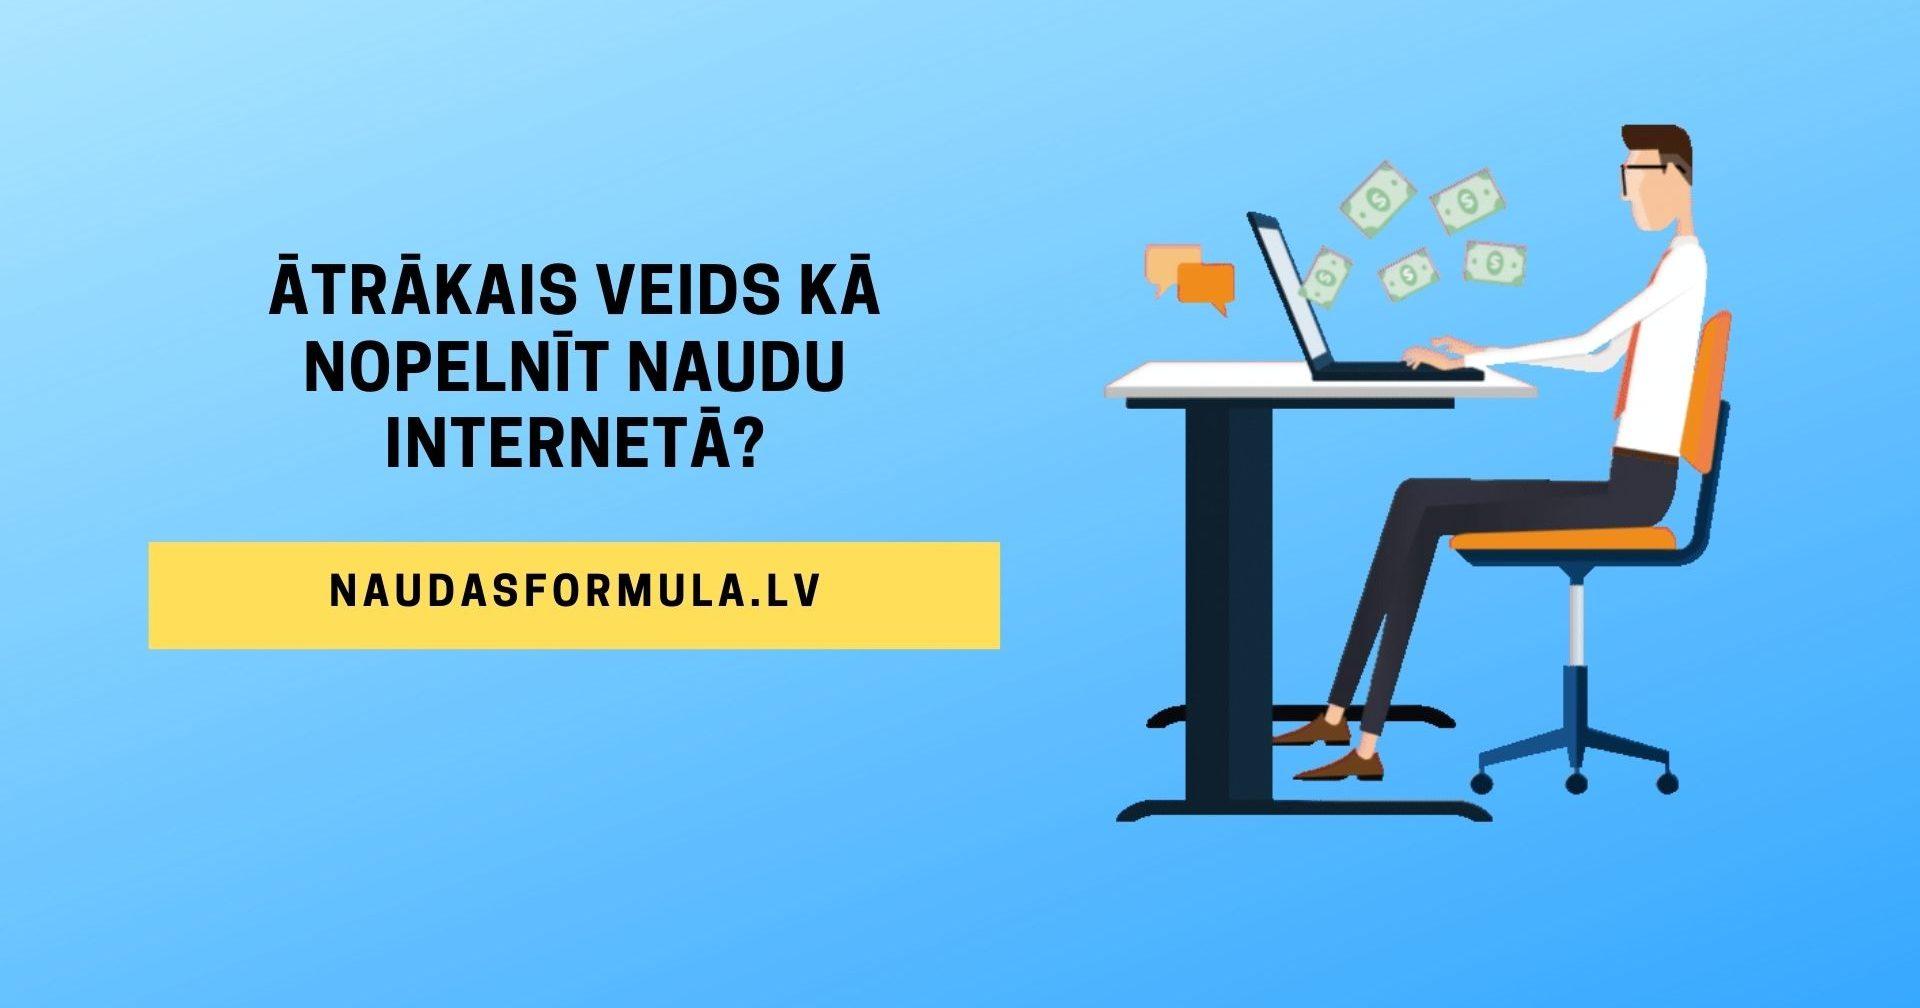 kā nopelnīt naudu par prēmijām internetā)